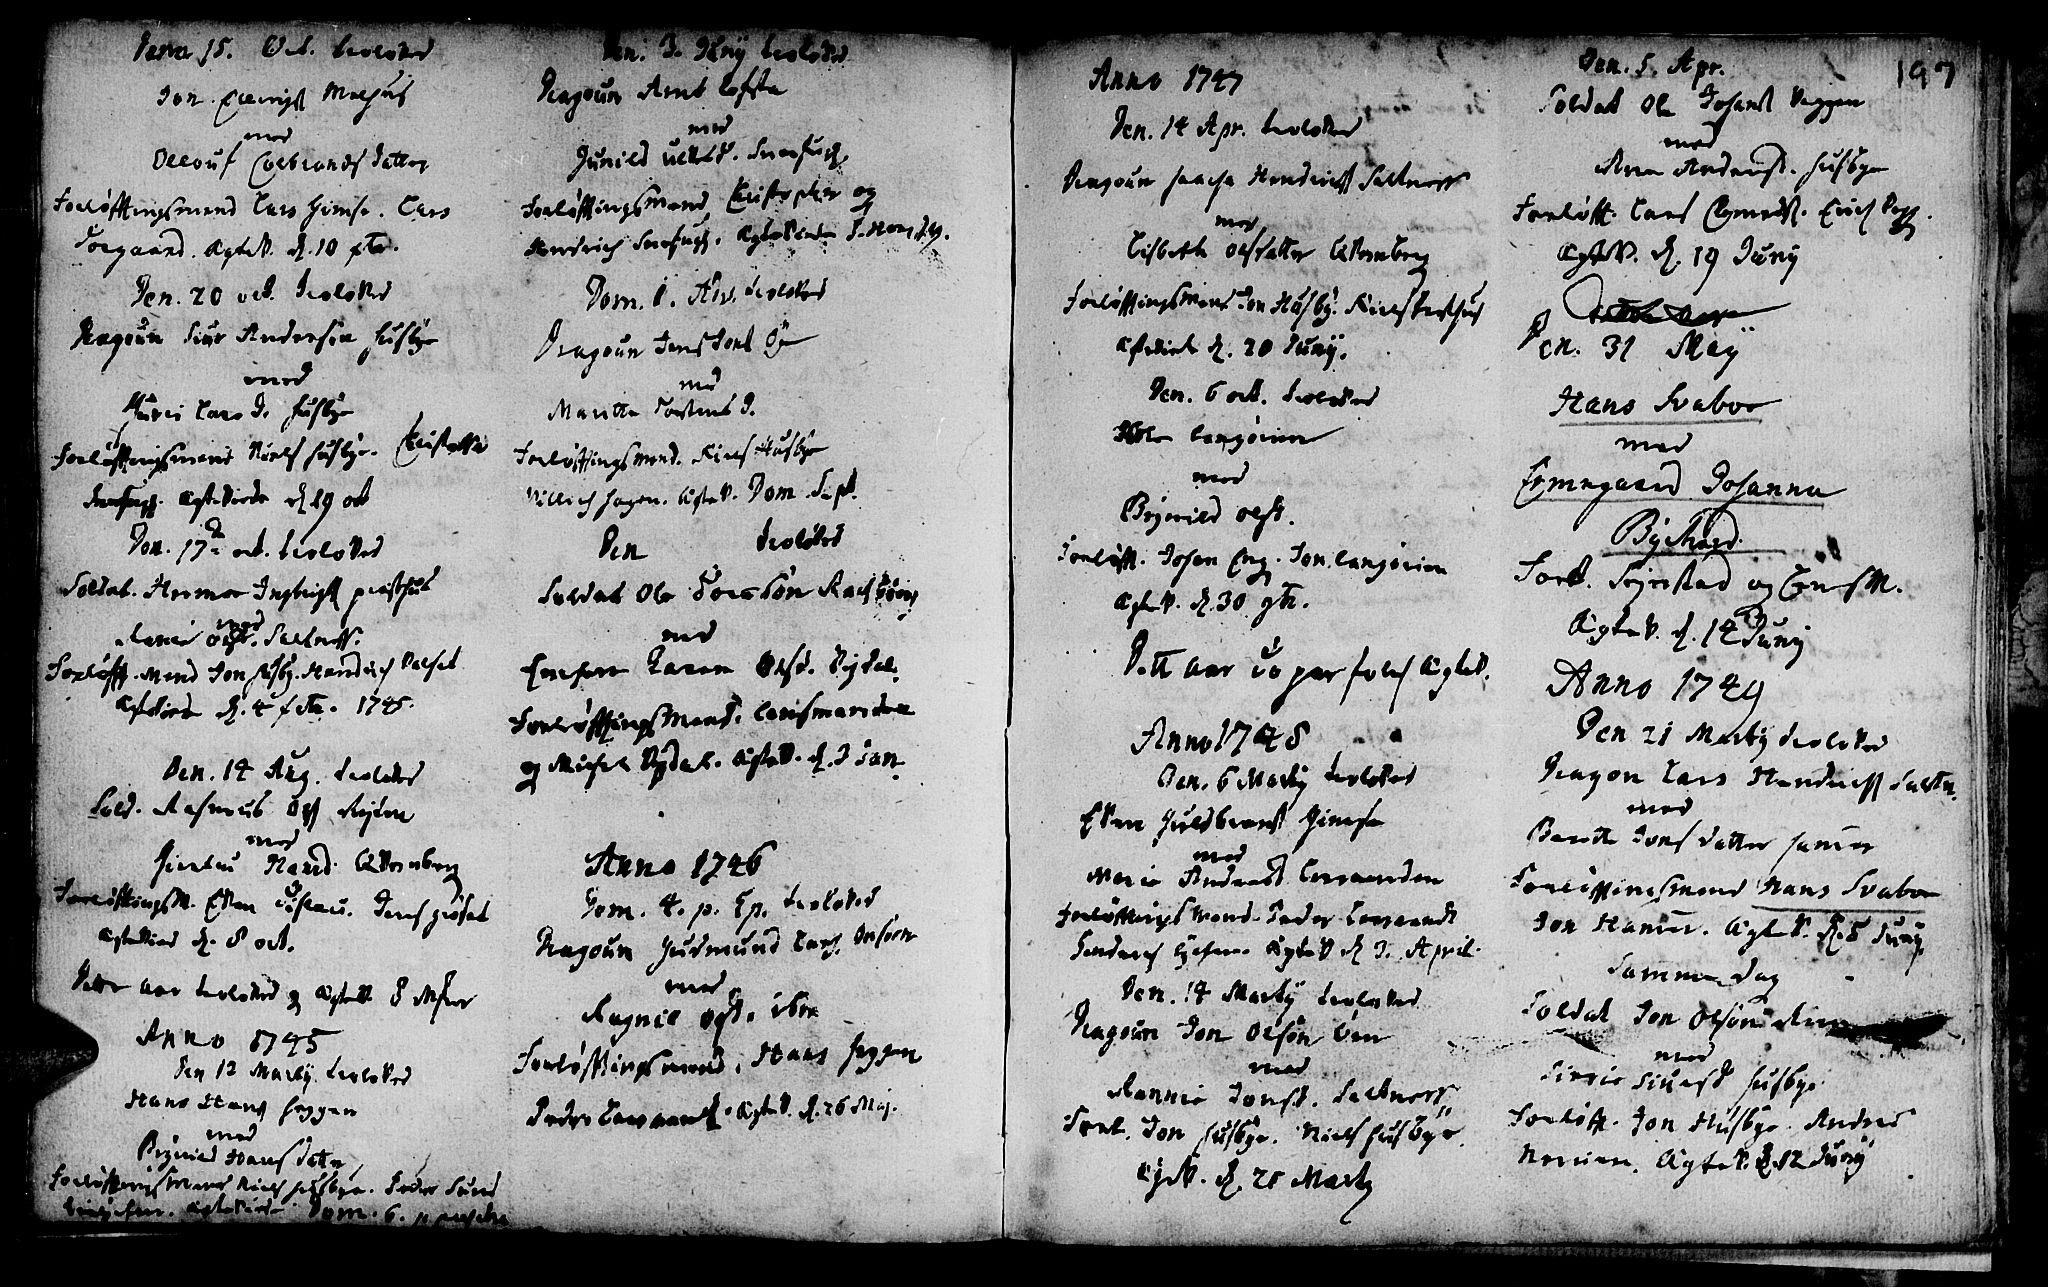 SAT, Ministerialprotokoller, klokkerbøker og fødselsregistre - Sør-Trøndelag, 666/L0783: Ministerialbok nr. 666A01, 1702-1753, s. 197